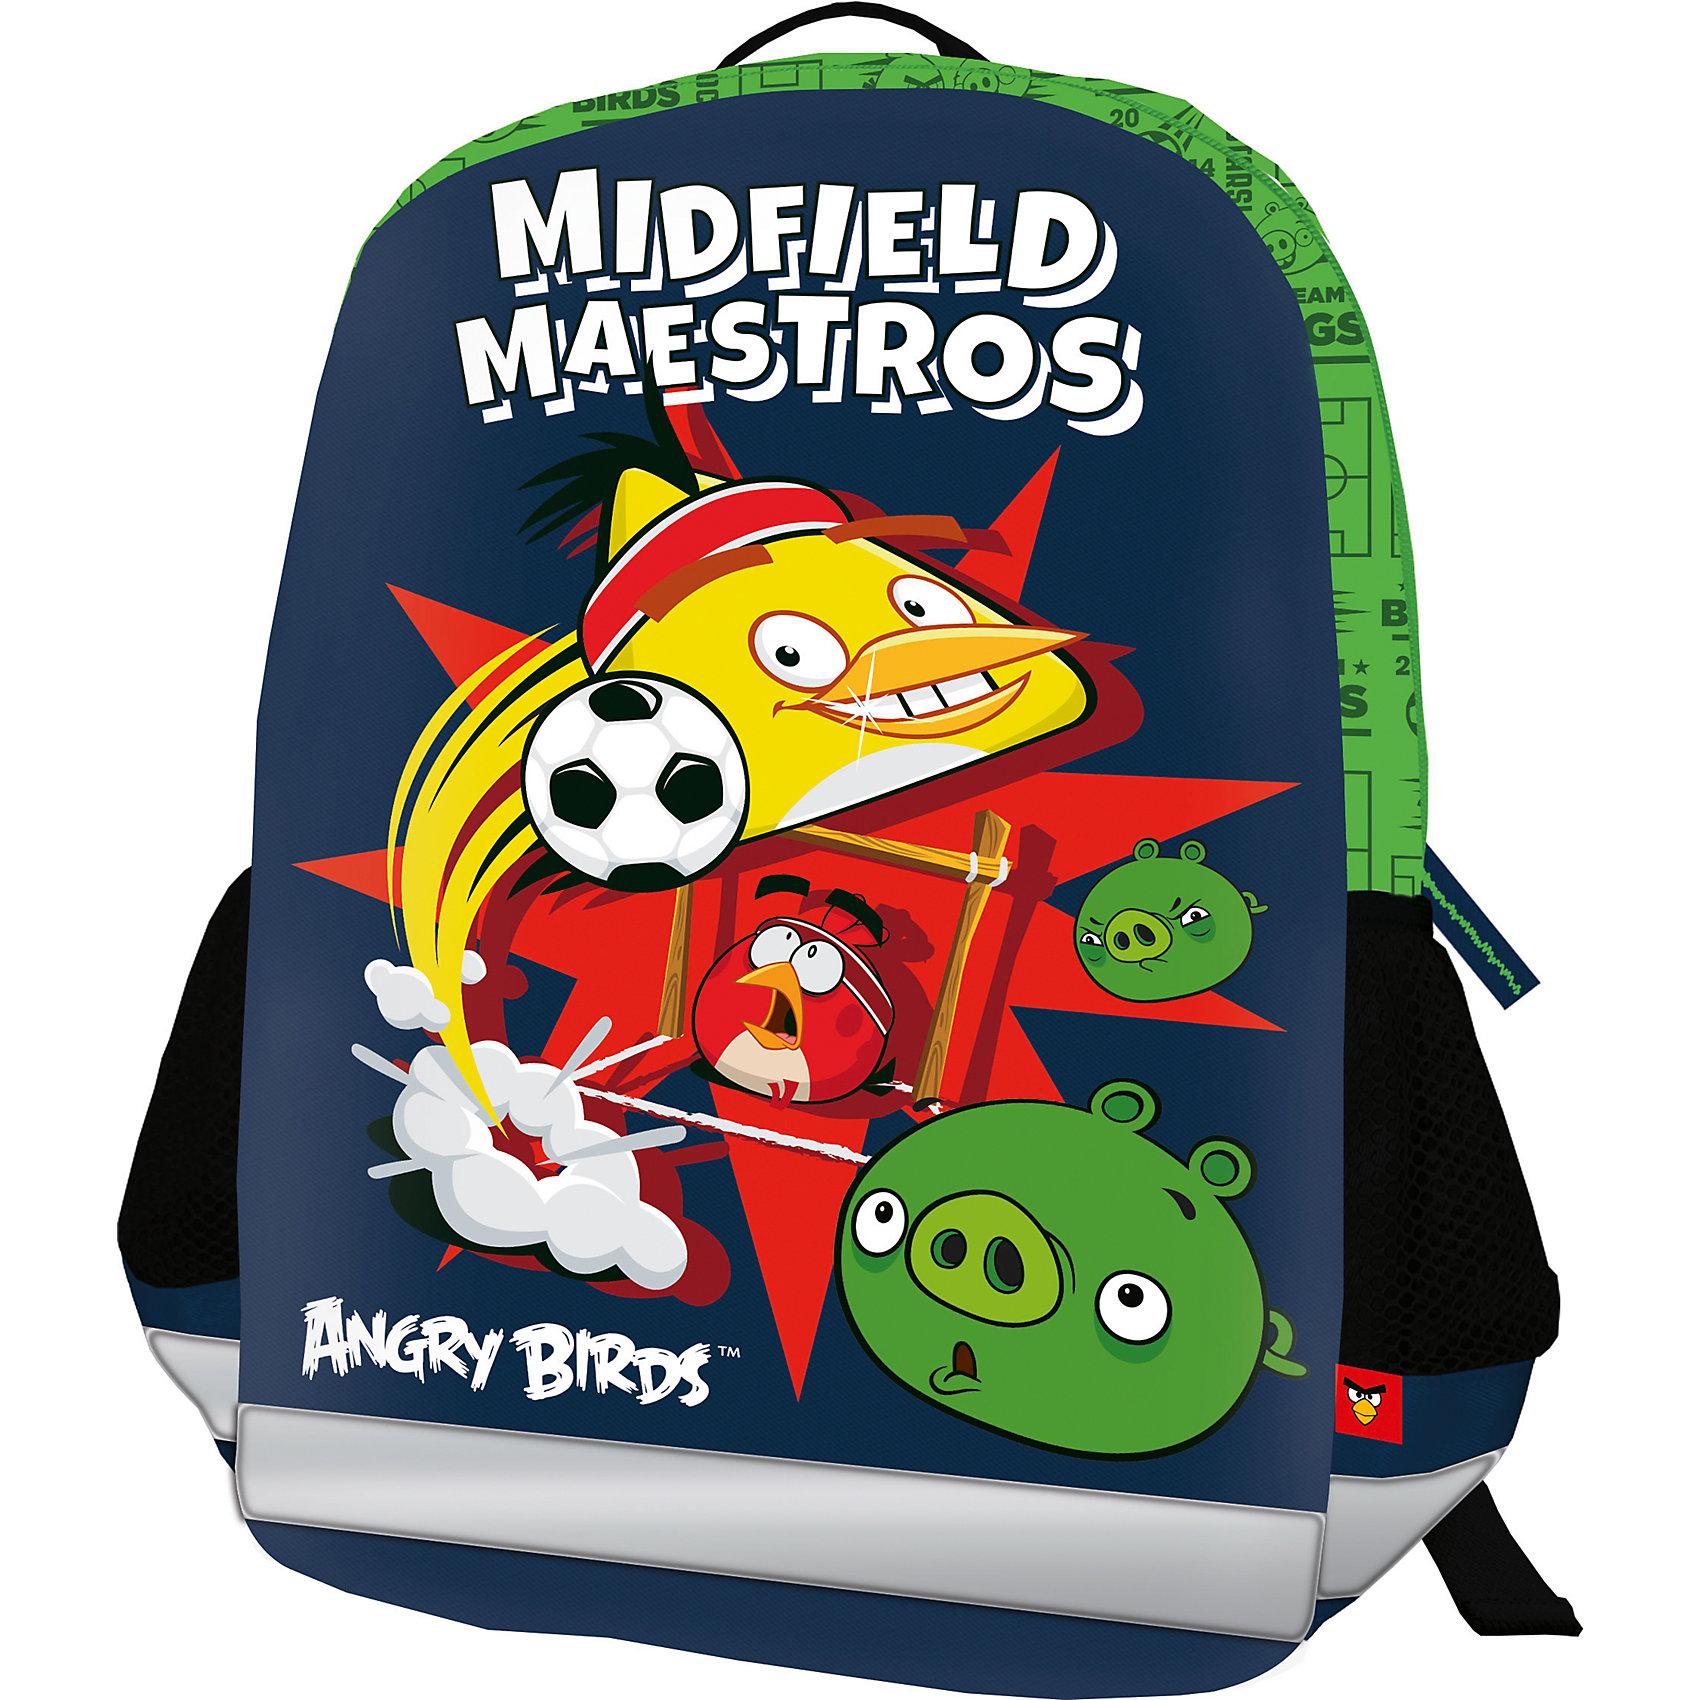 Школьный рюкзак Angry BirdsРюкзак, спинка мягкая, уплотненная поролоном, EVA фронтальная панель. Одно вместительное отделение с двумя карманами с утягивающей резинкой. По бокам расположены карманы из воздухообменного материала. Дно рюкзака мягкое, лямки S-образной формы с поролоном и воздухообменным сетчатым материалом, регулируются по длине. Рюкзак оснащен текстильной ручкой.<br><br>Дополнительная информация:<br><br>Размер: 36 х 28 х 12 см. Рюкзак каркасный, фронтальная панель из EVA. Одно вместительное отделение с двумя карманами с утягивающей резинкой. Два боковых кармана.<br><br>Каркасный рюкзак Angry Birds (Энгри Бердс) можно купить в нашем магазине.<br><br>Ширина мм: 360<br>Глубина мм: 280<br>Высота мм: 120<br>Вес г: 361<br>Возраст от месяцев: 72<br>Возраст до месяцев: 144<br>Пол: Мужской<br>Возраст: Детский<br>SKU: 4140979